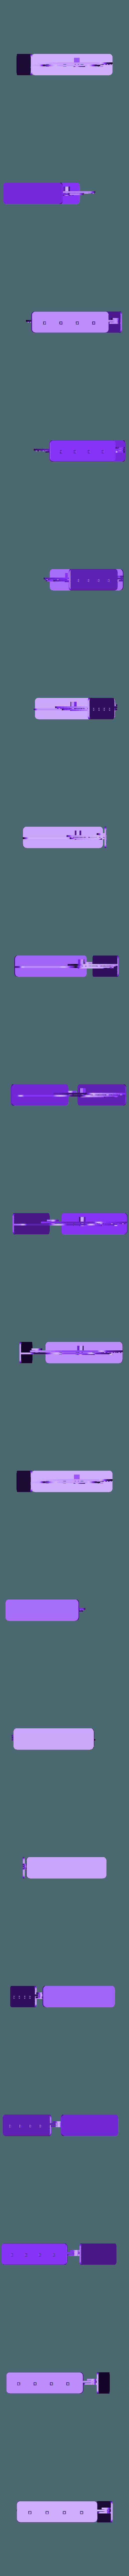 Camber_Gauge_1.1.stl Télécharger fichier STL gratuit Jauge de carrossage pour RC • Plan imprimable en 3D, Nacelle